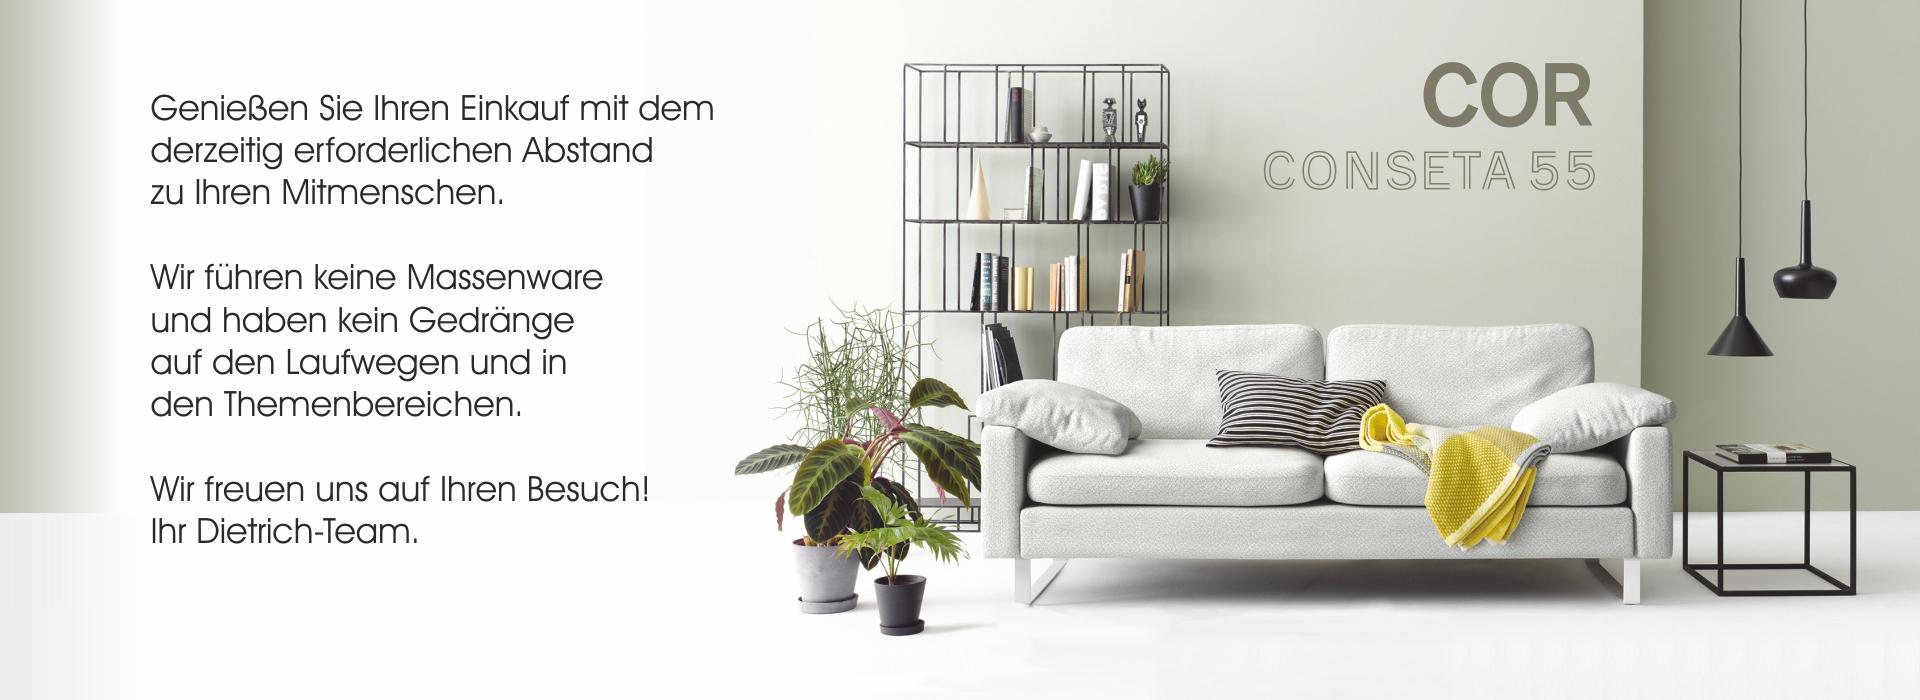 Full Size of Einrichtungshaus Dietrich Alles Fr Ein Schnes Zuhause Wohnzimmer Moebel.de